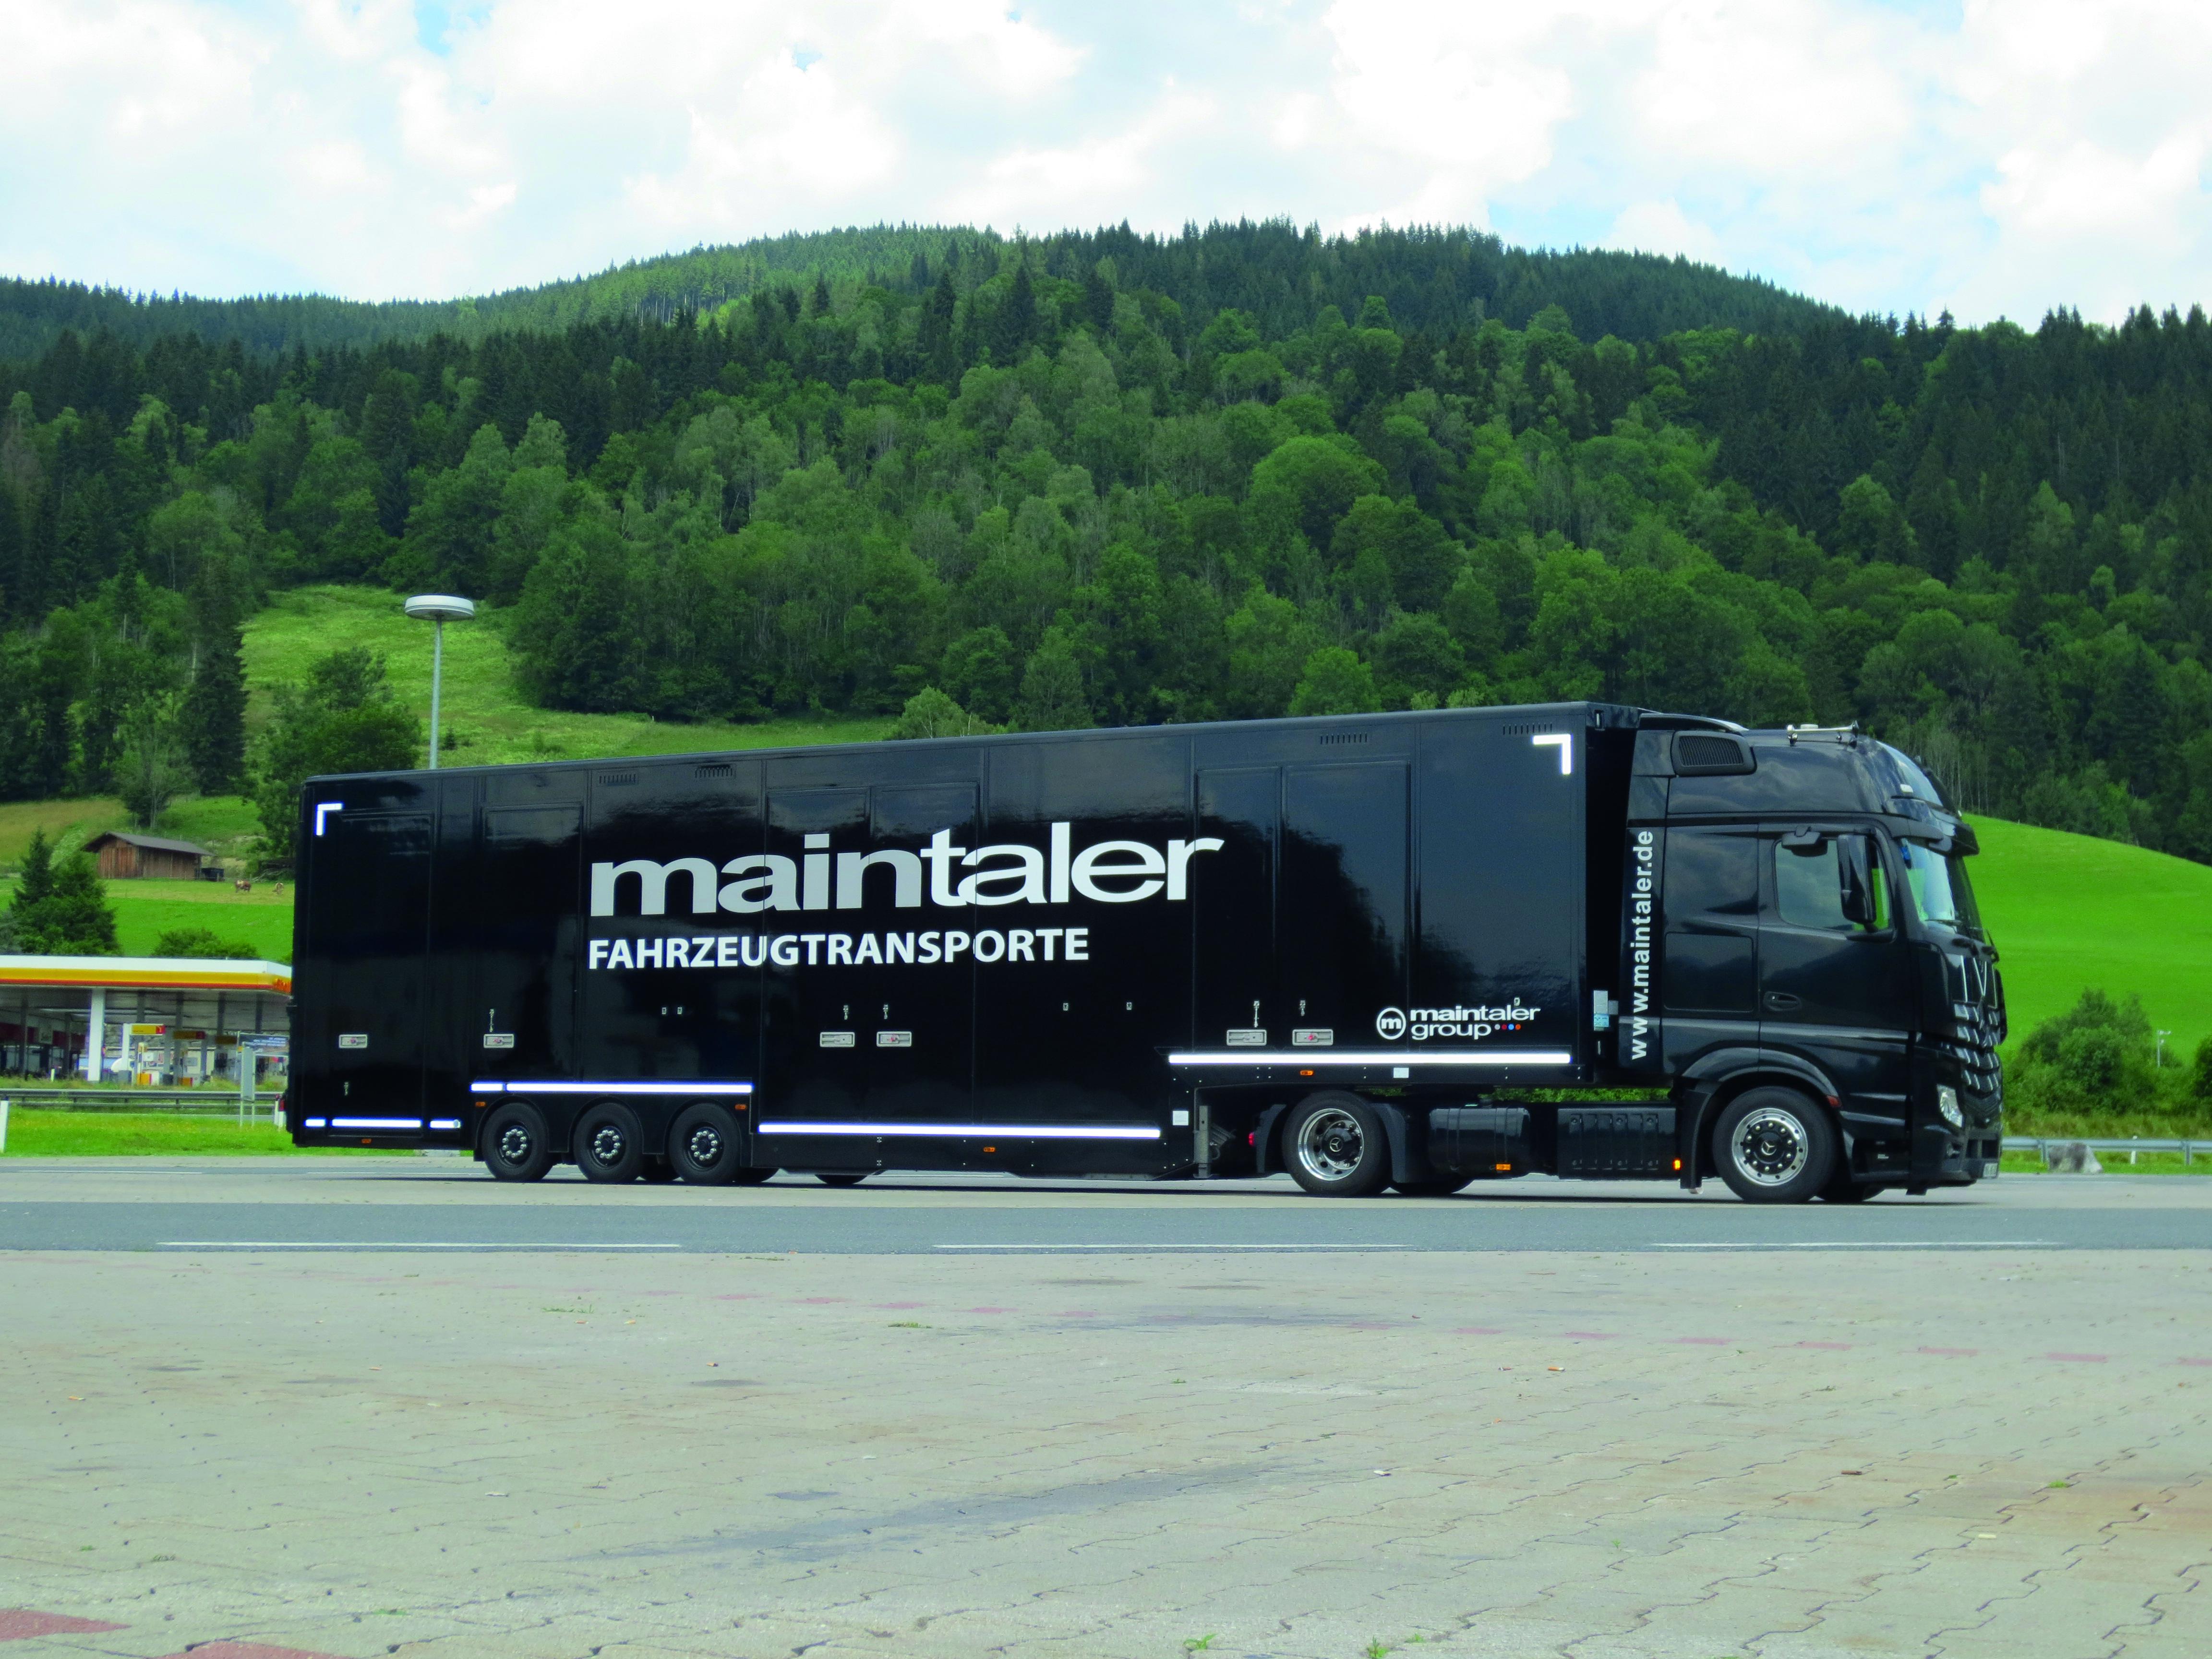 Maintaler-Fahrzeugtransporte